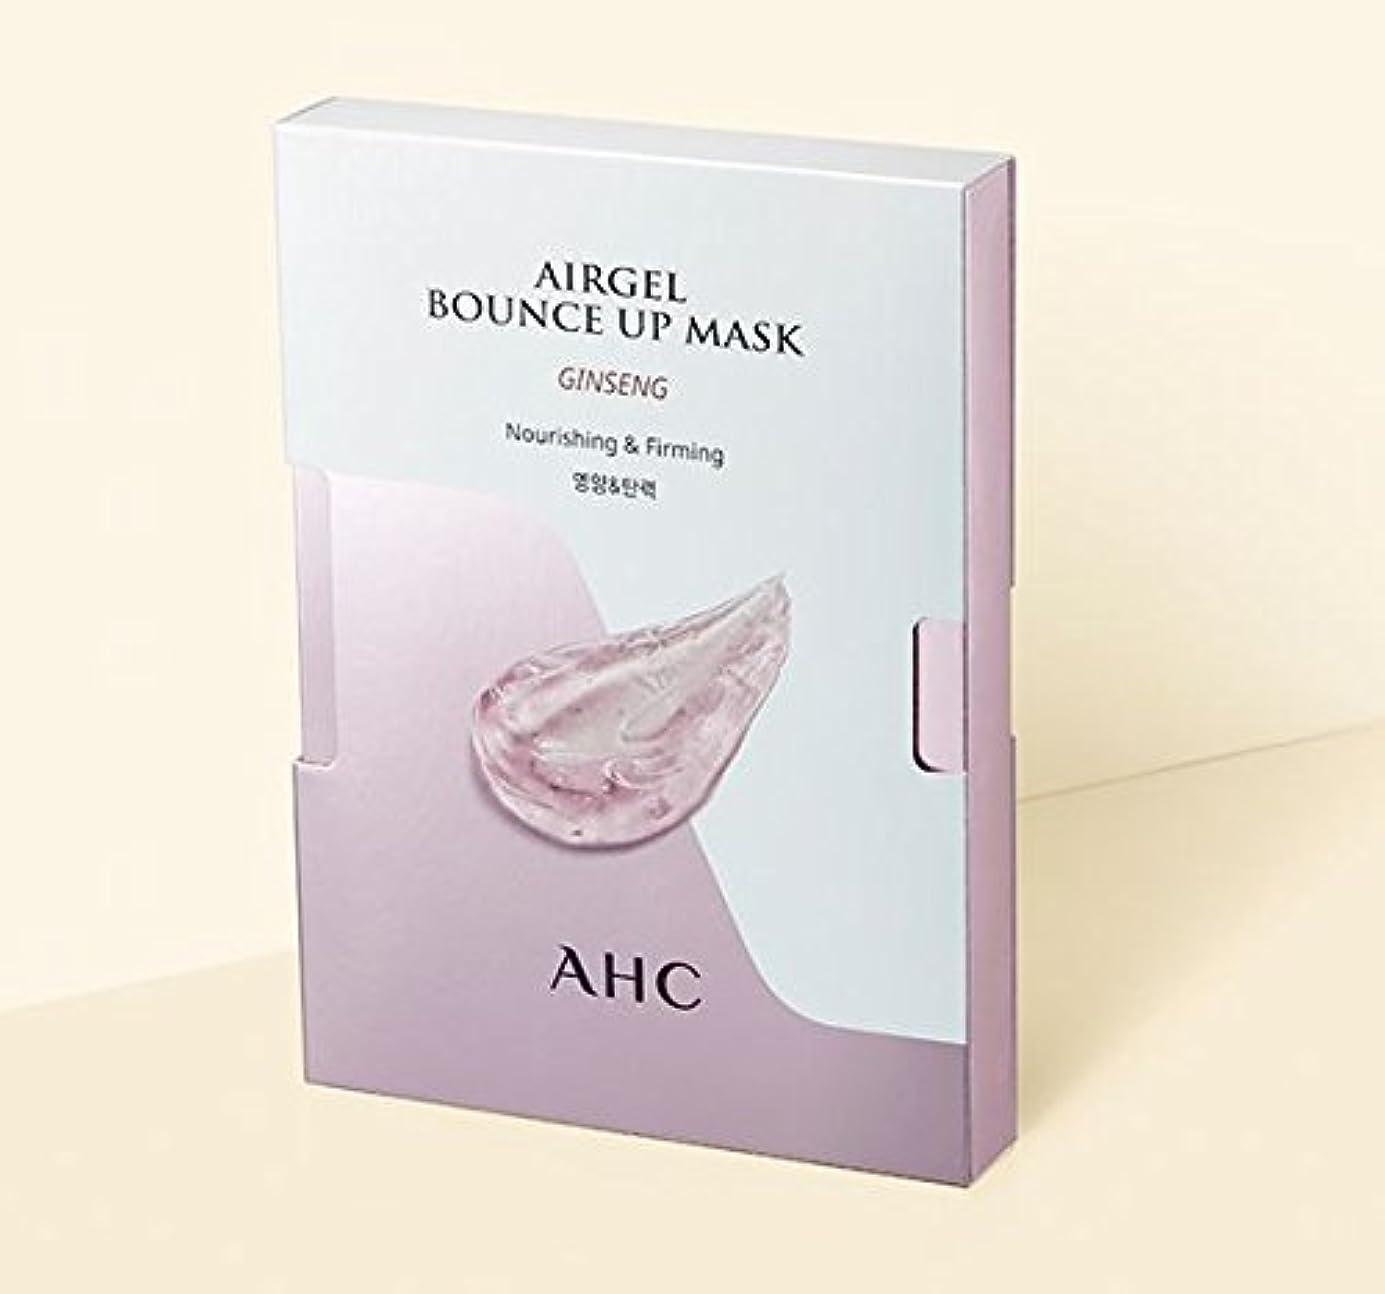 変成器決定符号[A.H.C] Airgel Bounce Up Mask GINSENG (Nourishing&Firming)30g*5sheet/ジンセンエアゲルマスク30g*5枚 [並行輸入品]